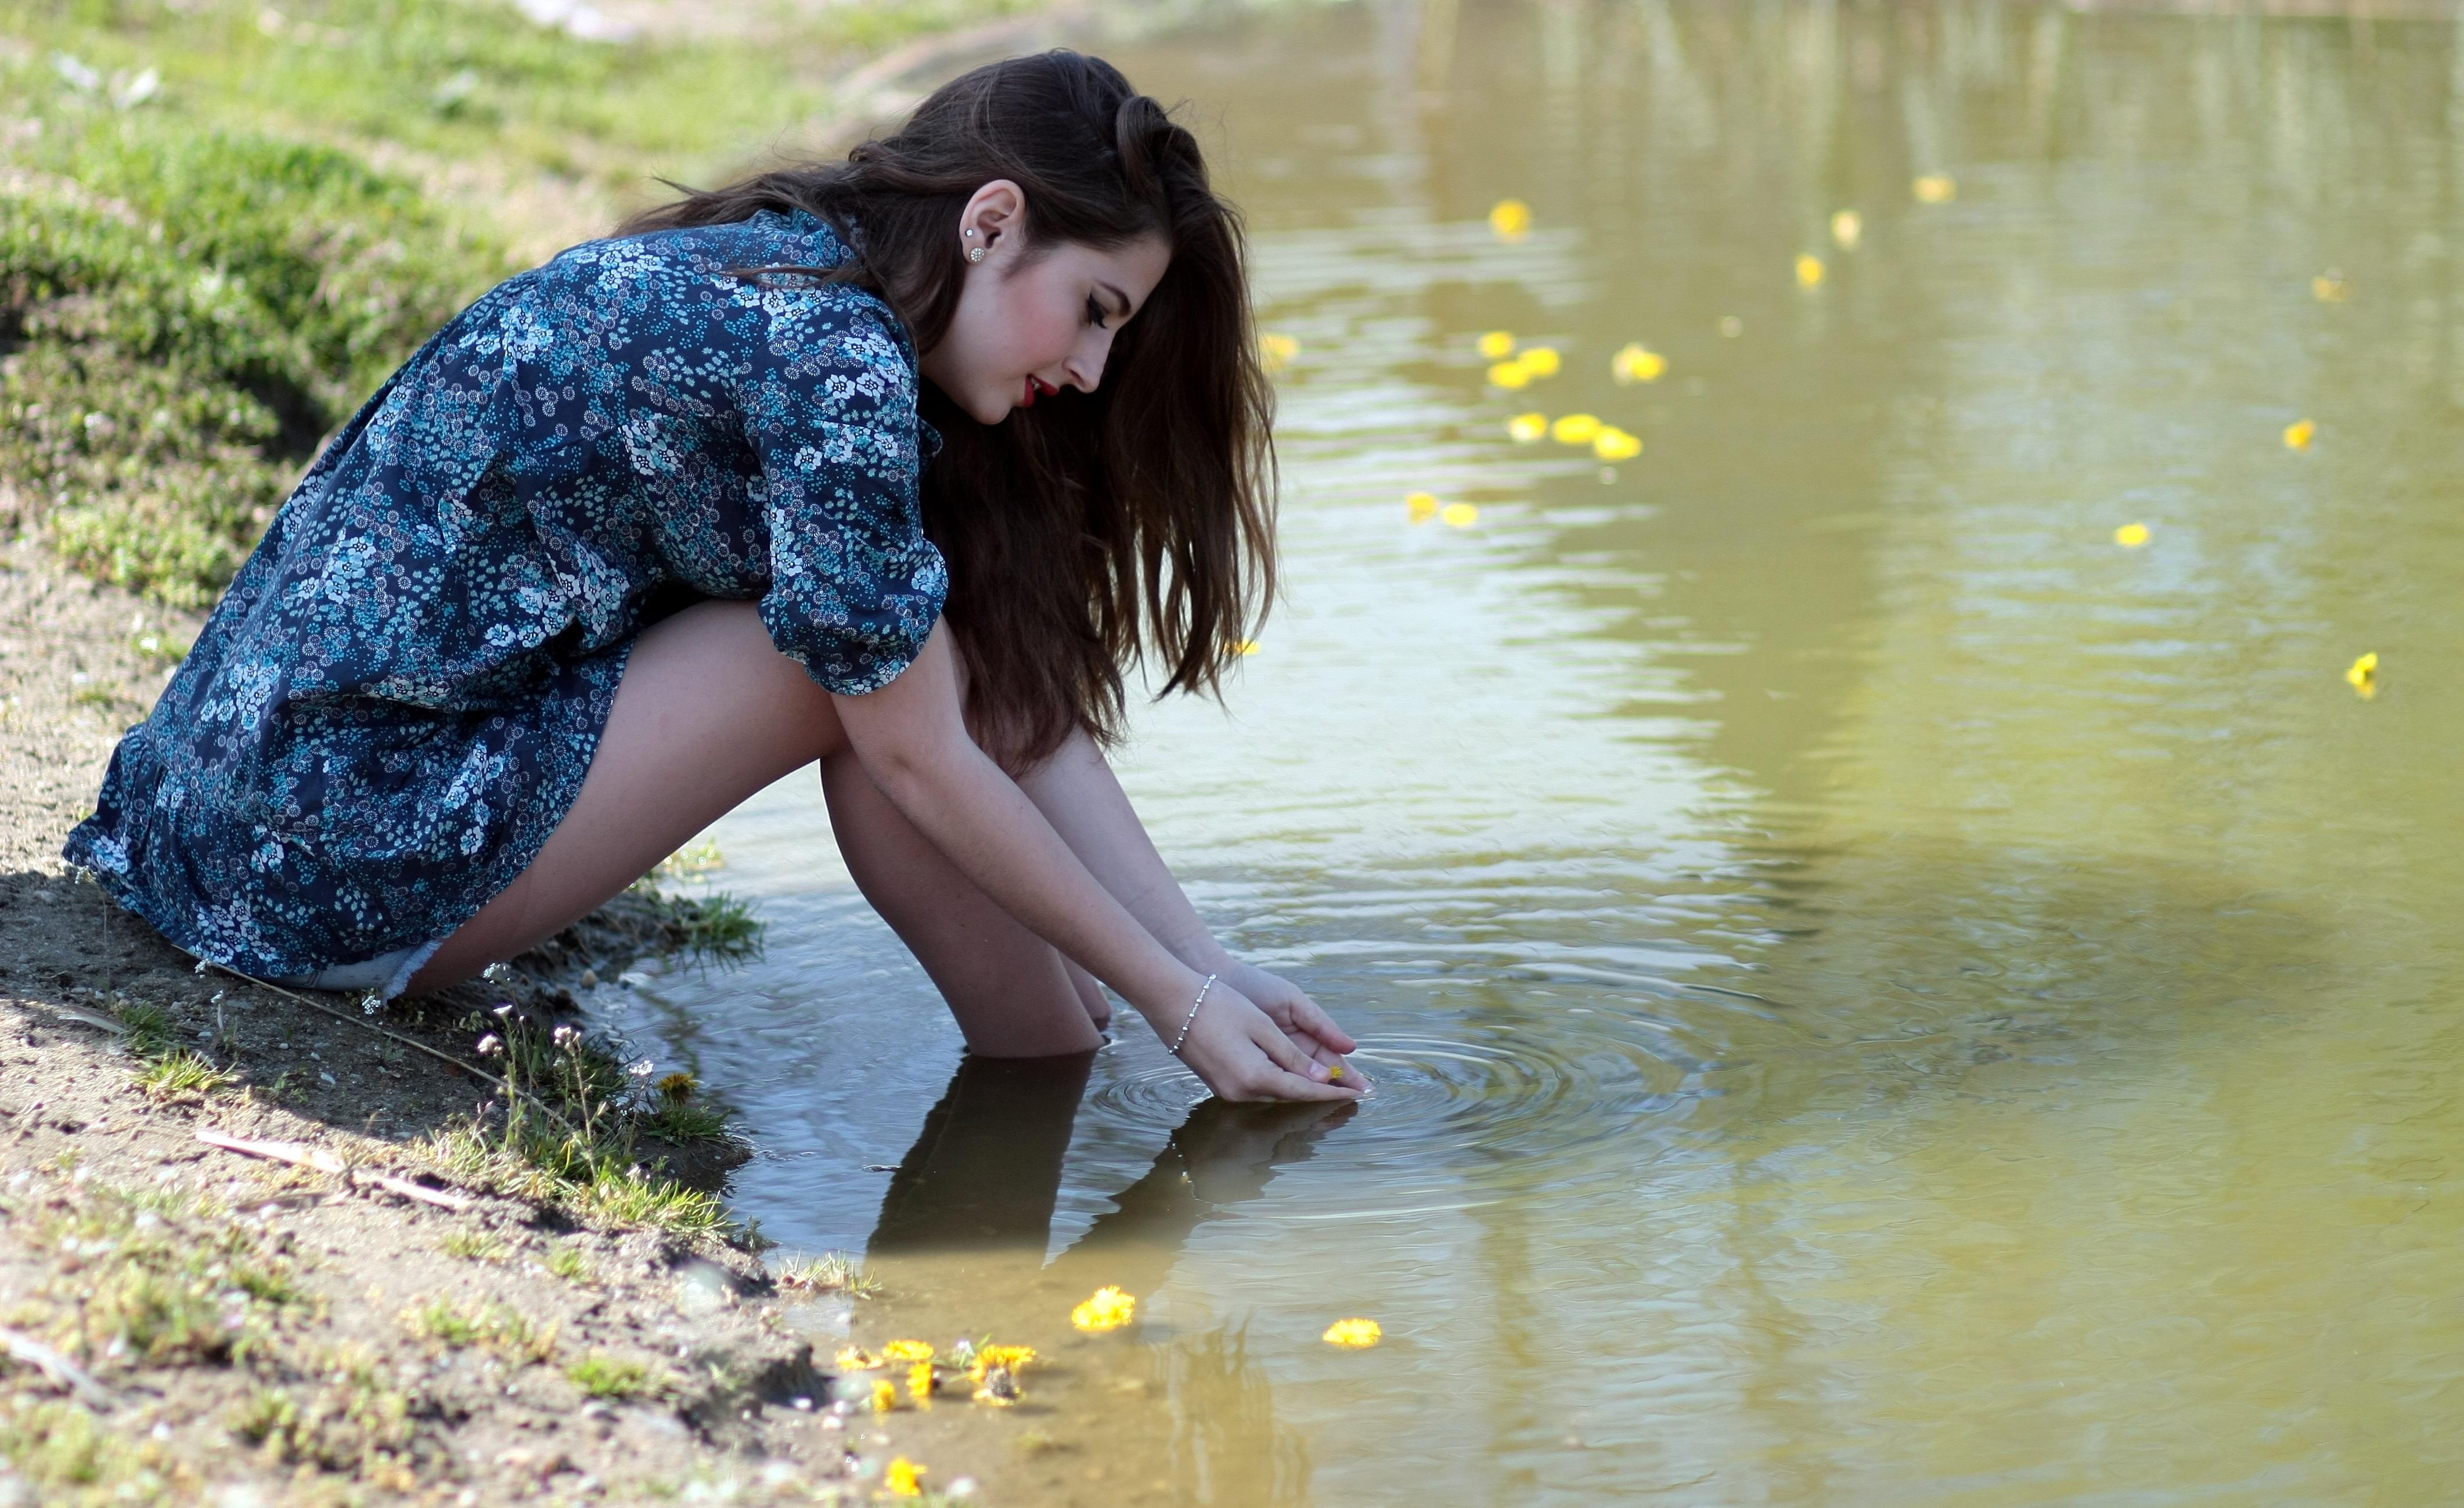 girl-water-flowers-beauty-160673.jpeg (4244×2597)